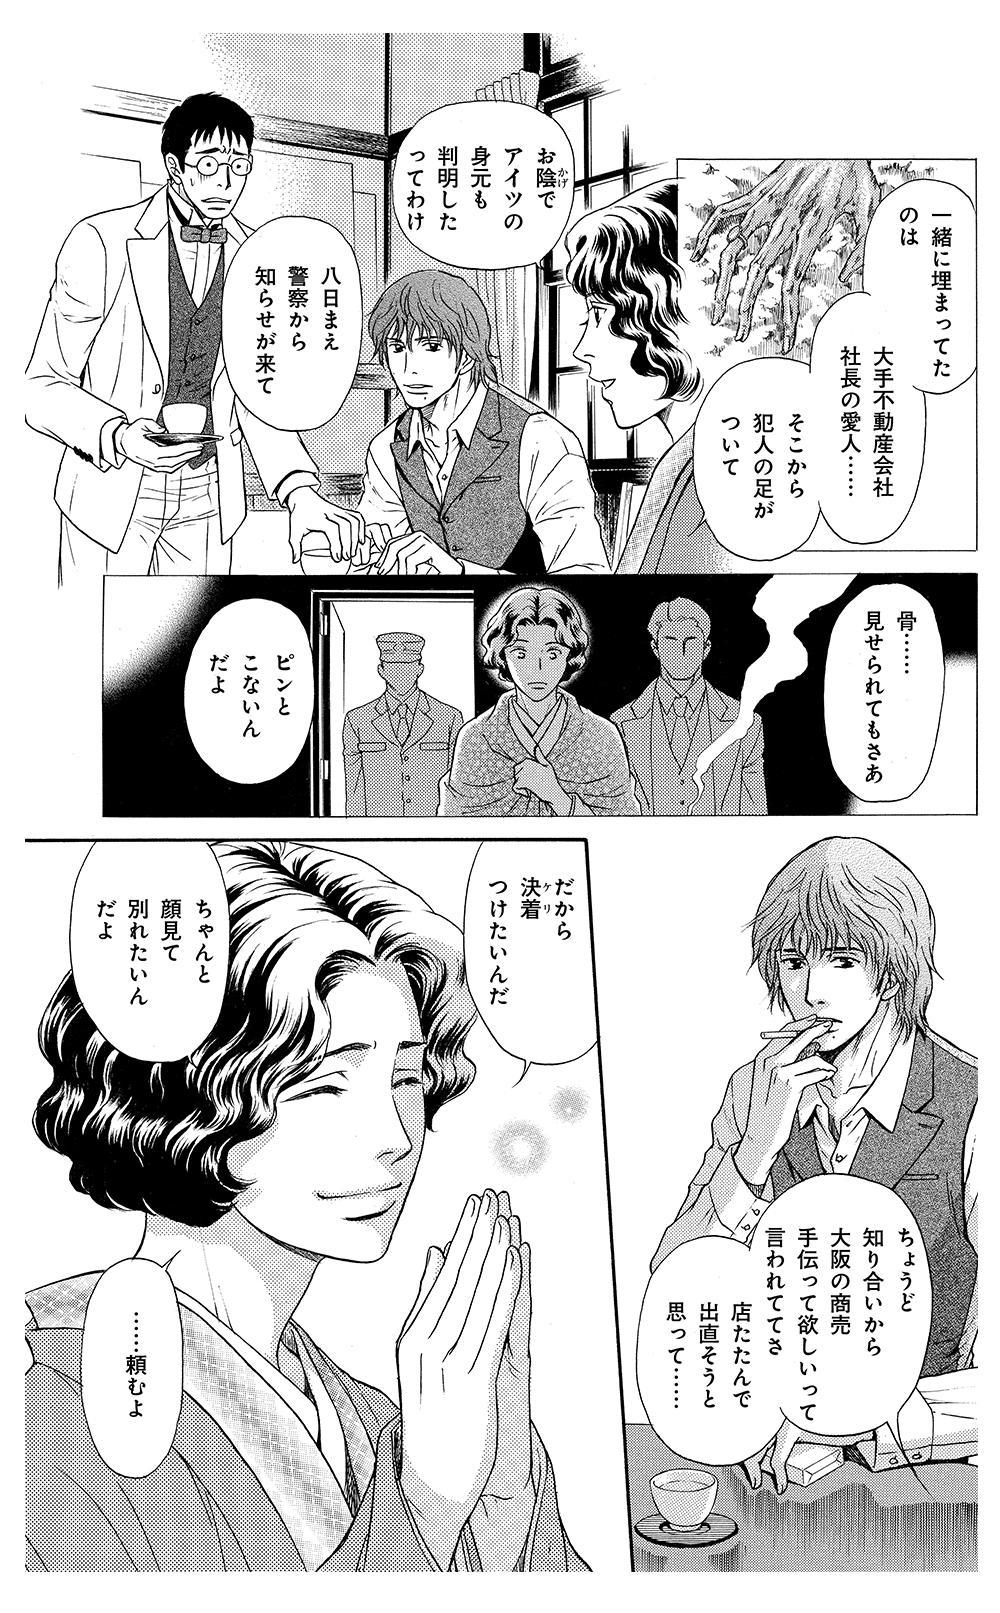 鵼の絵師 第2話「おきみやげ」①nue03-09.jpg